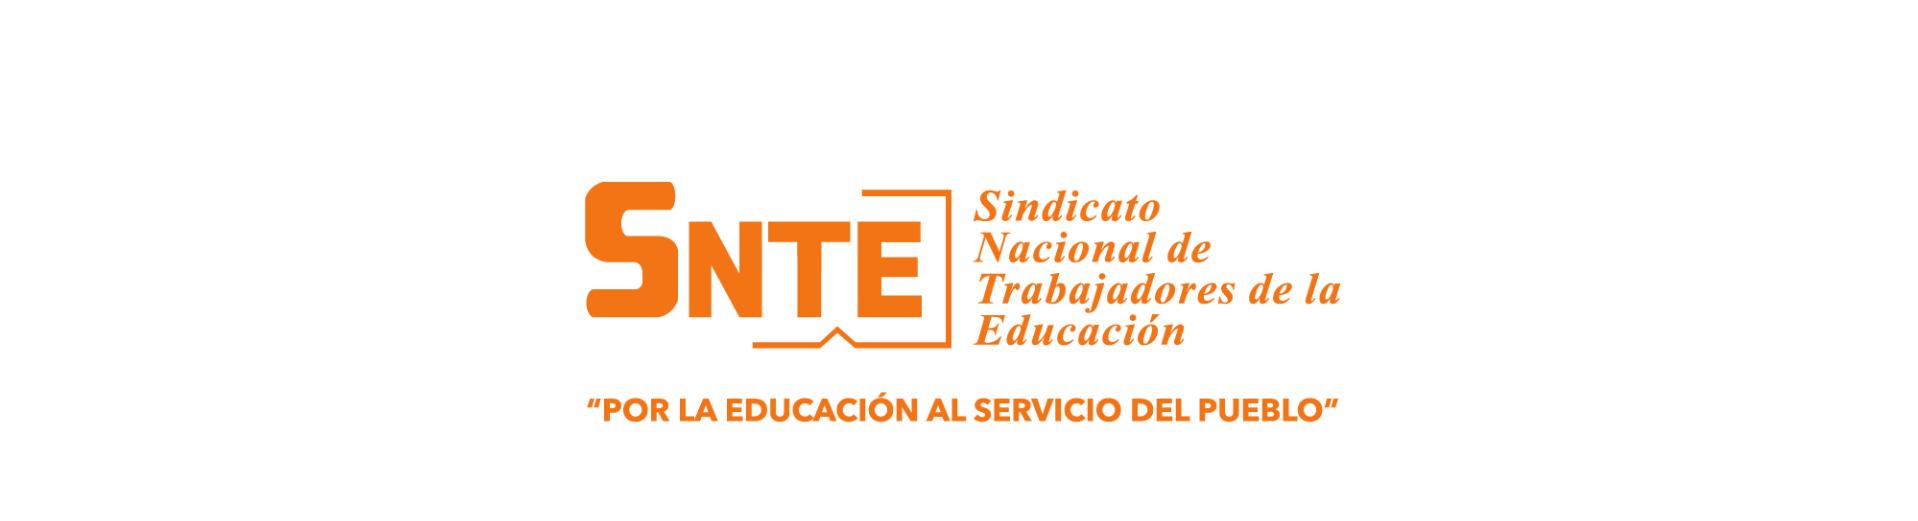 Apoyo a la Declaración Pública de las universidades estatales chilenas